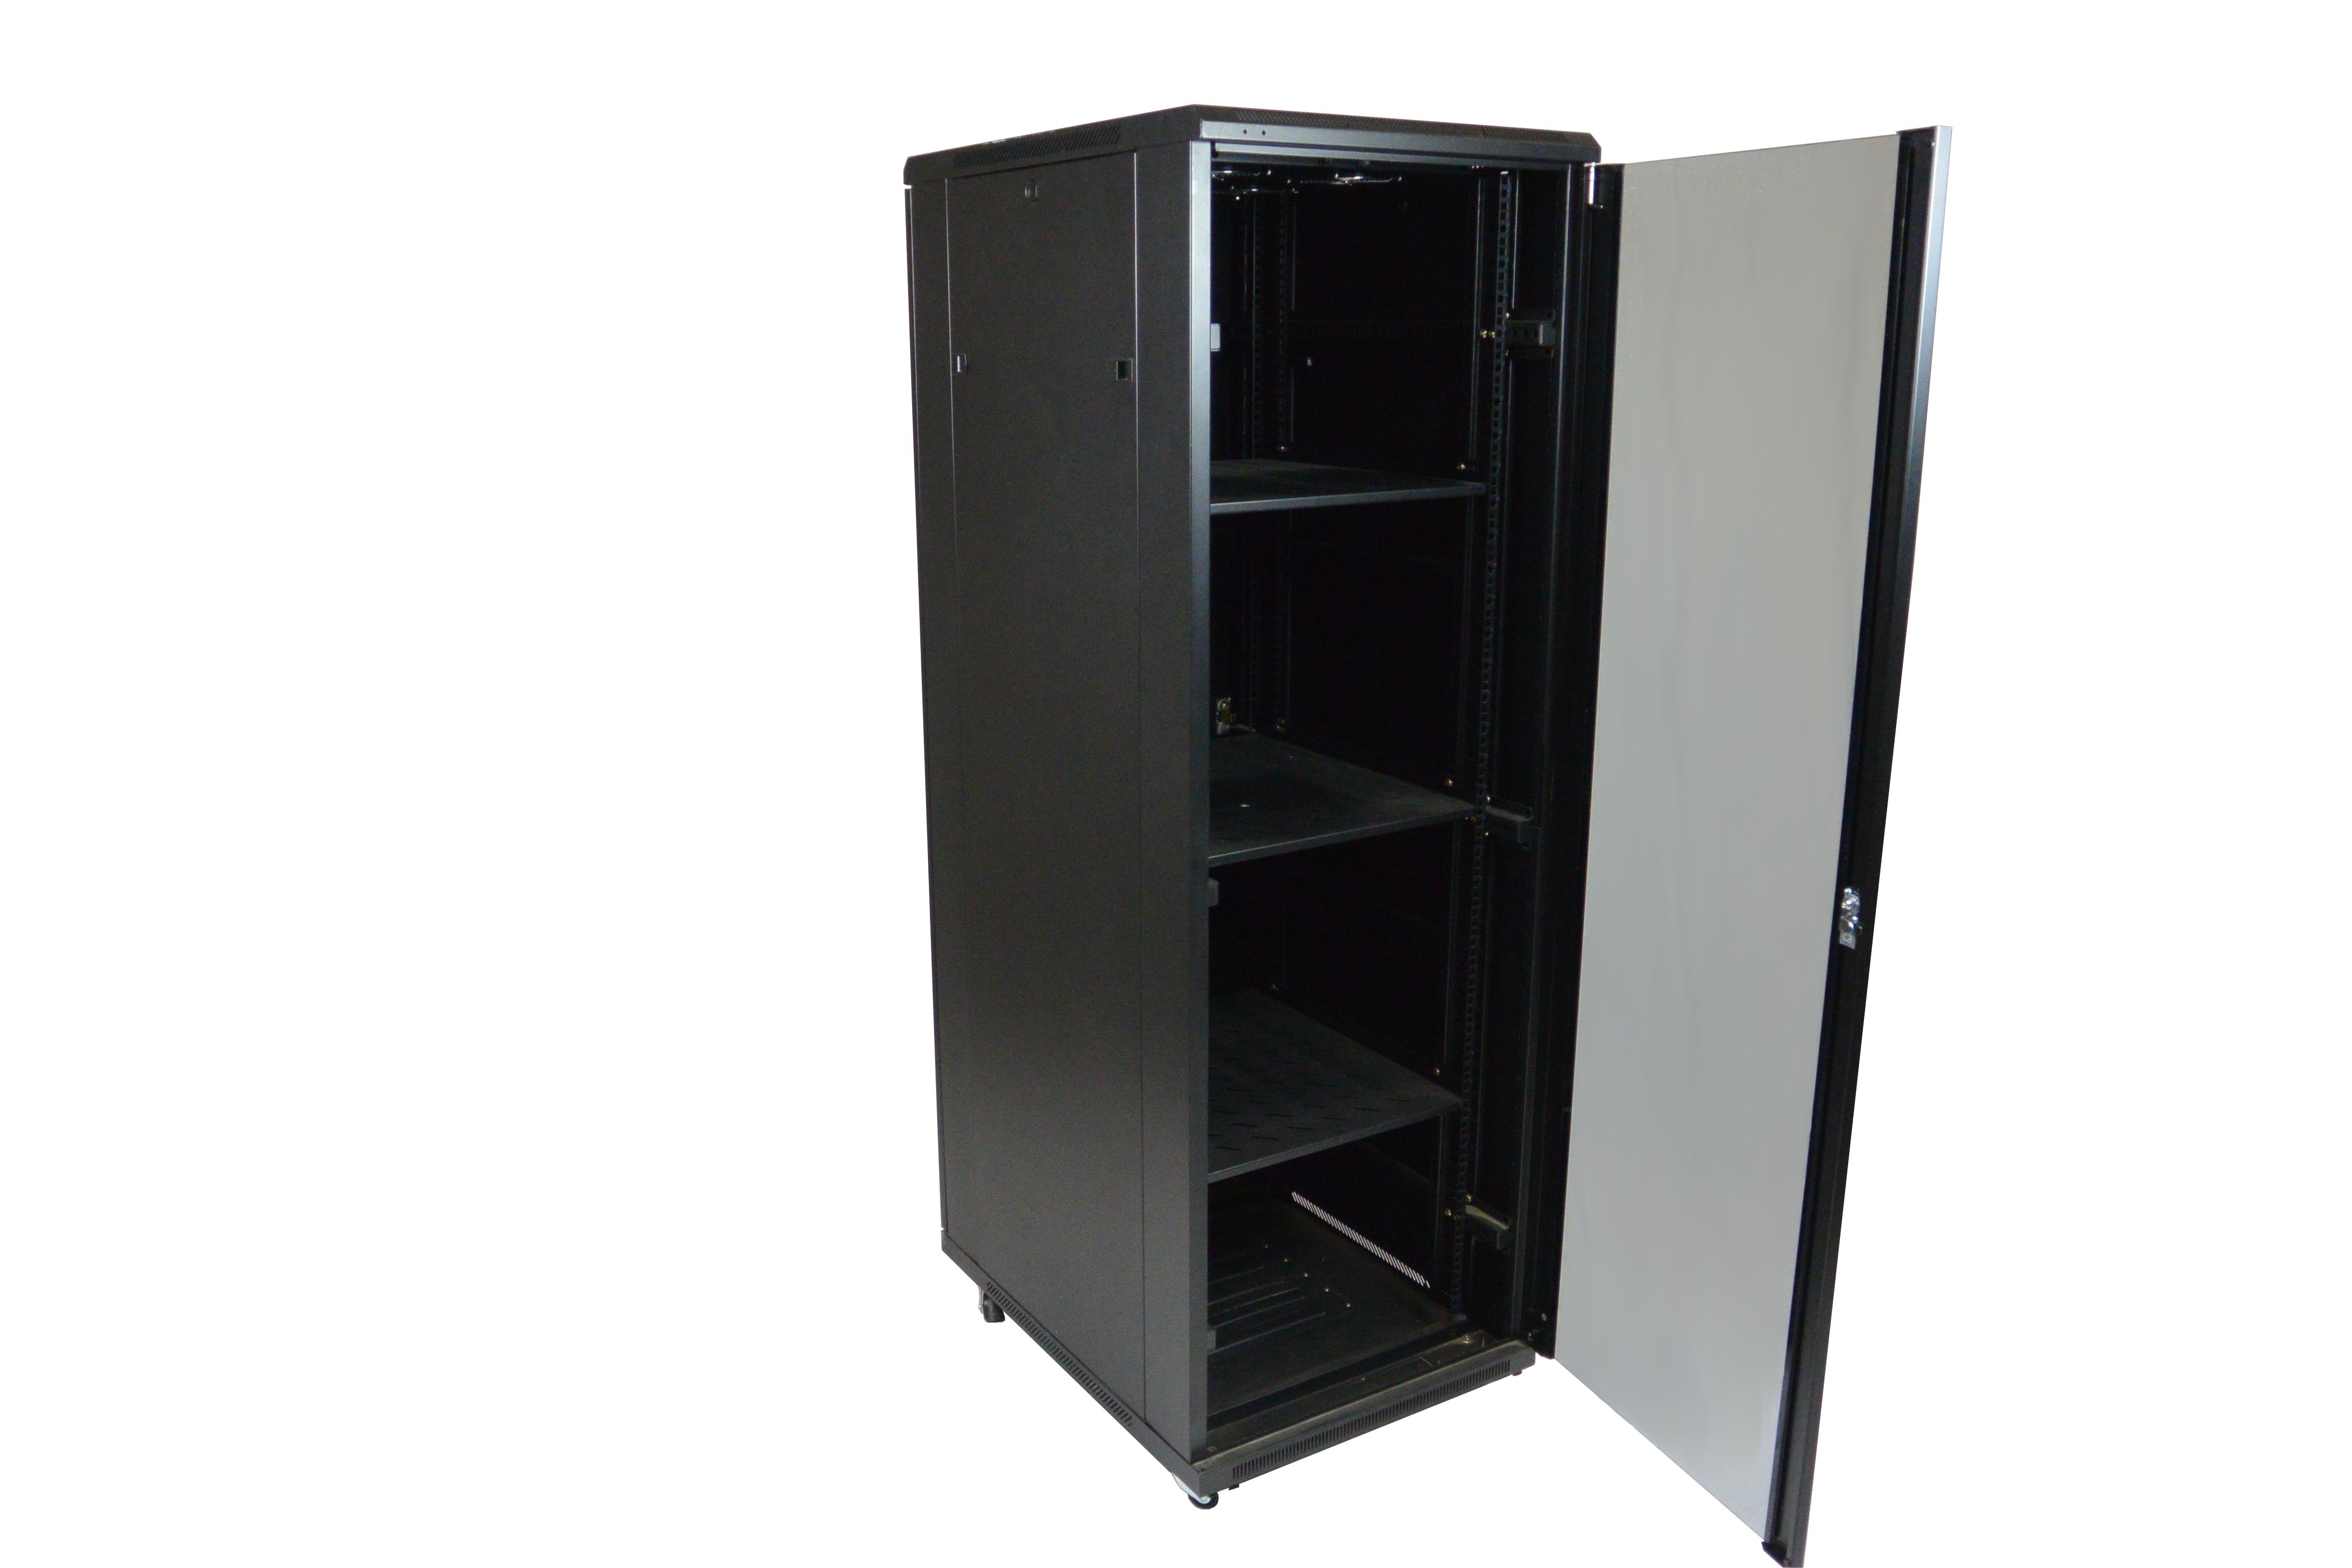 rack furniture full racks including videoconferencing picture support shelf inch of standard size inspirations depthstandard